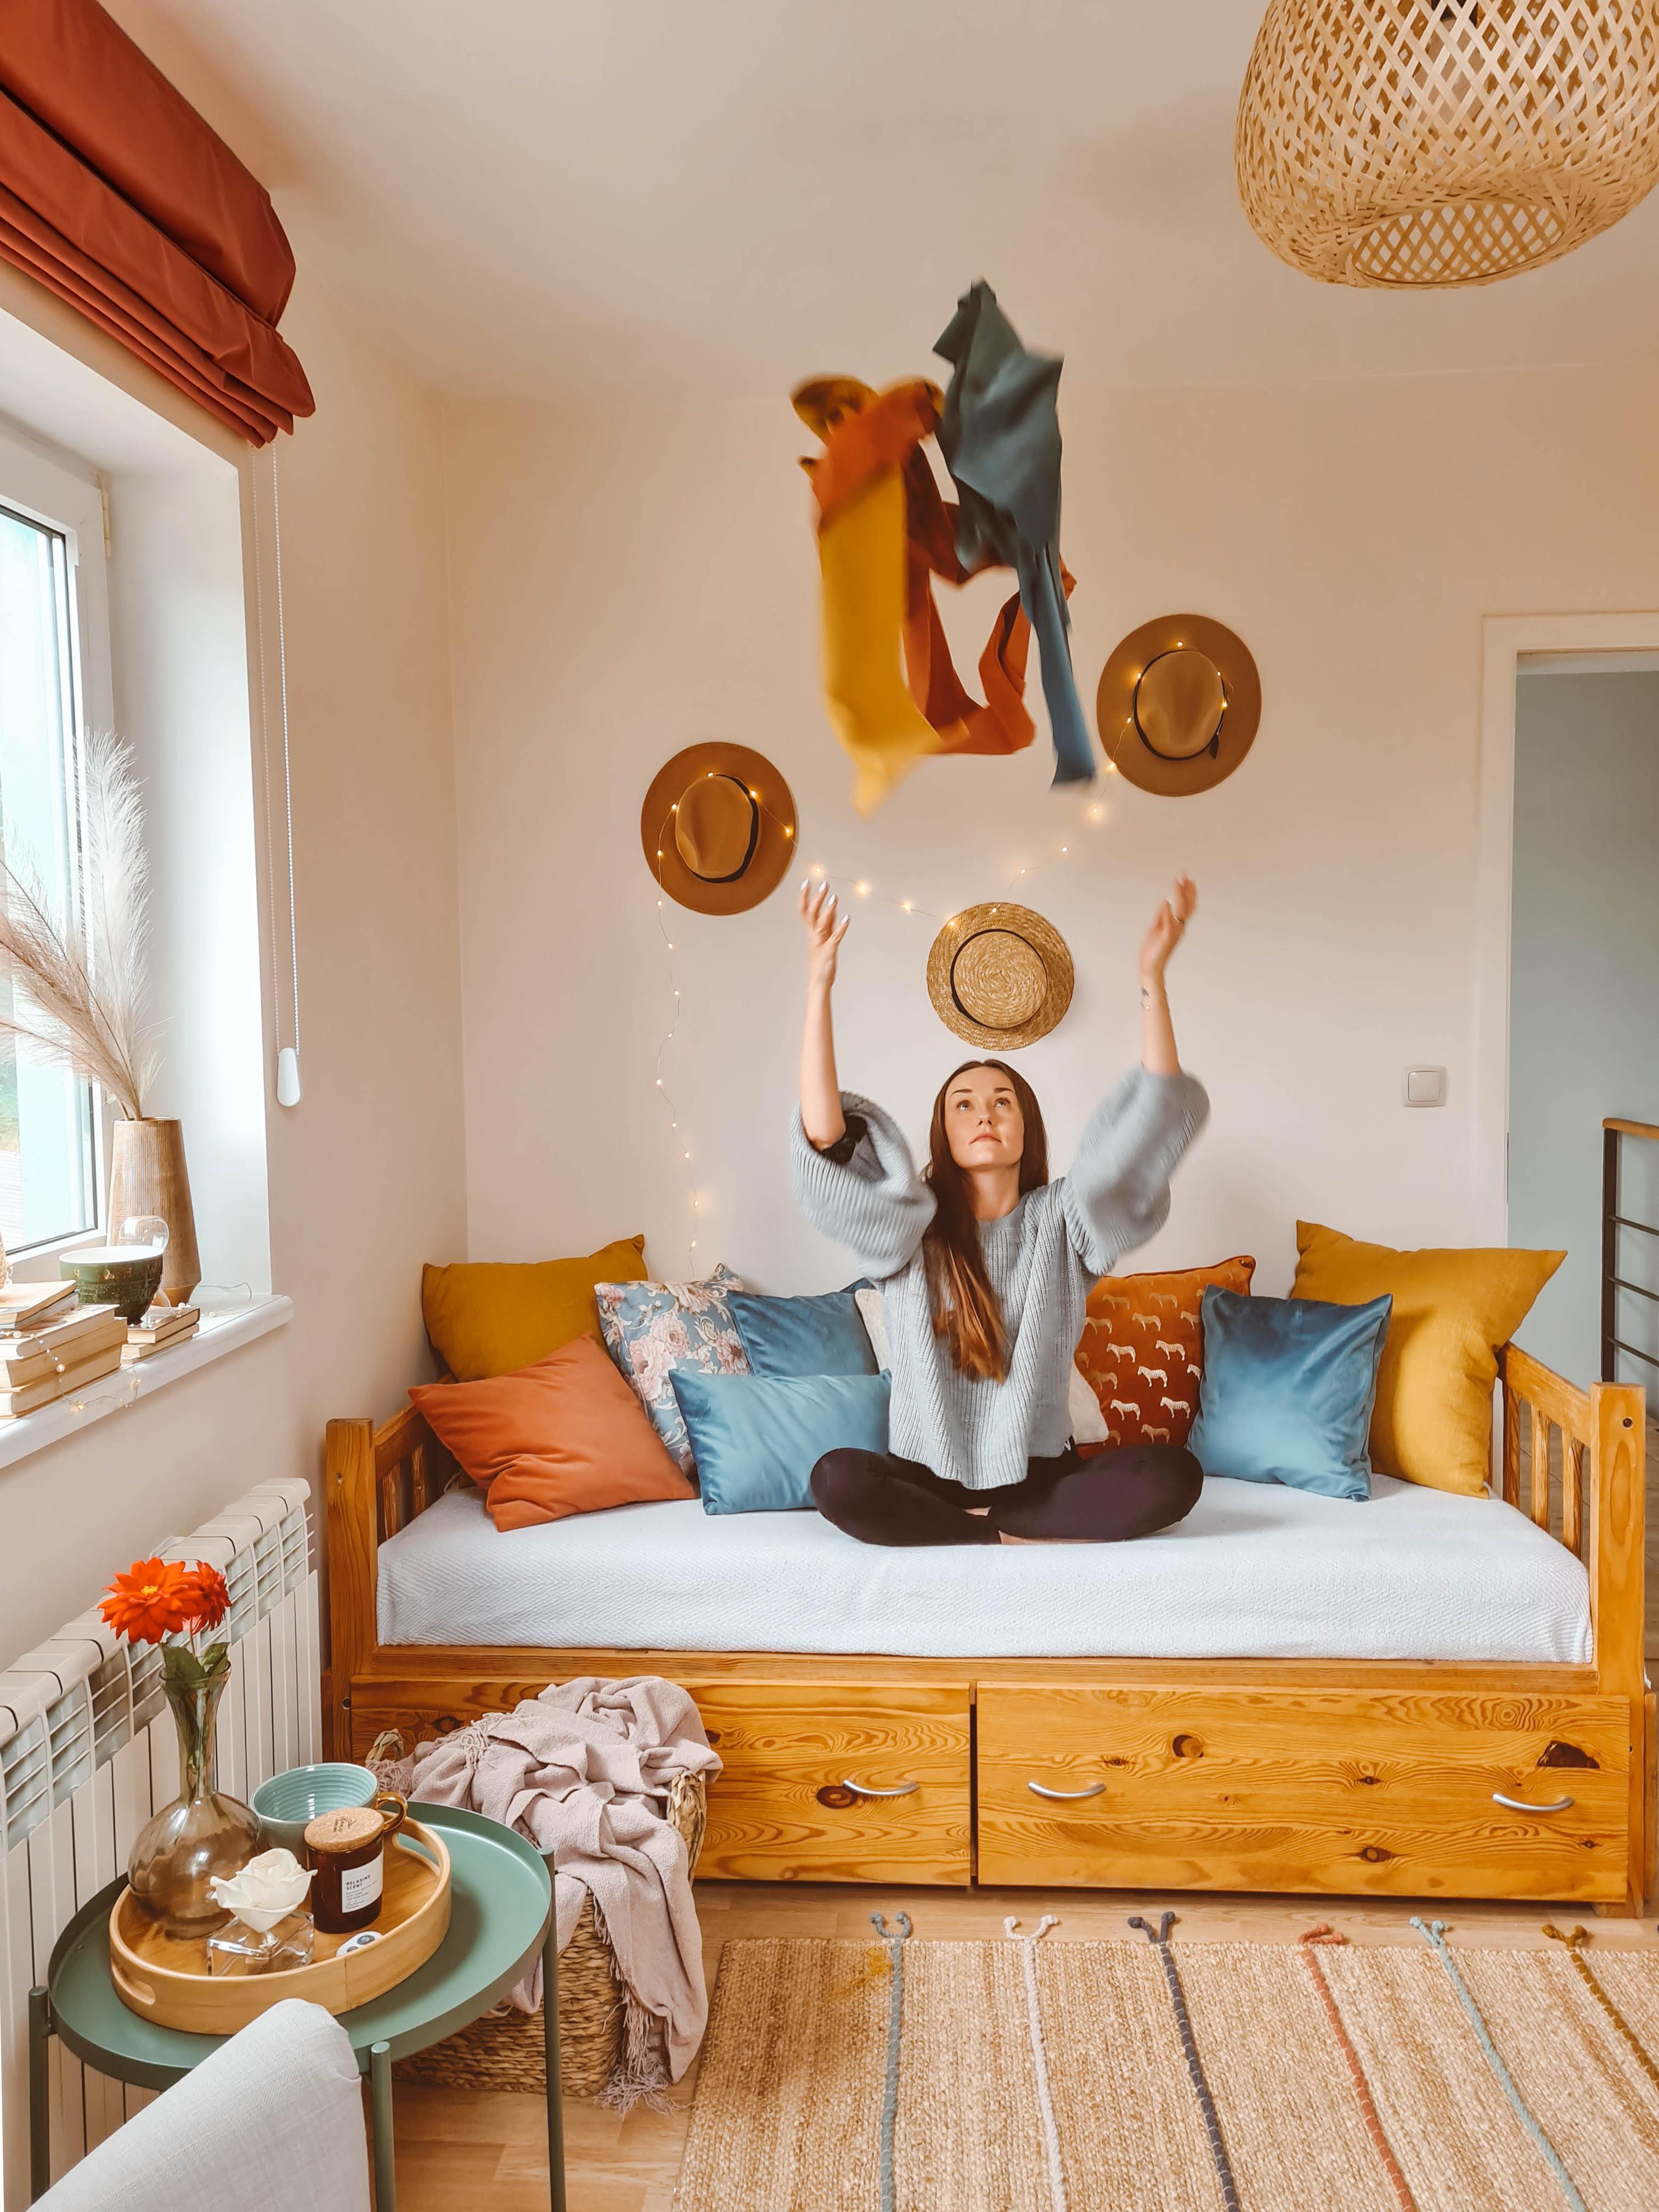 pokoj w stylu boho pszewki poduszki nasze domowe pielesze